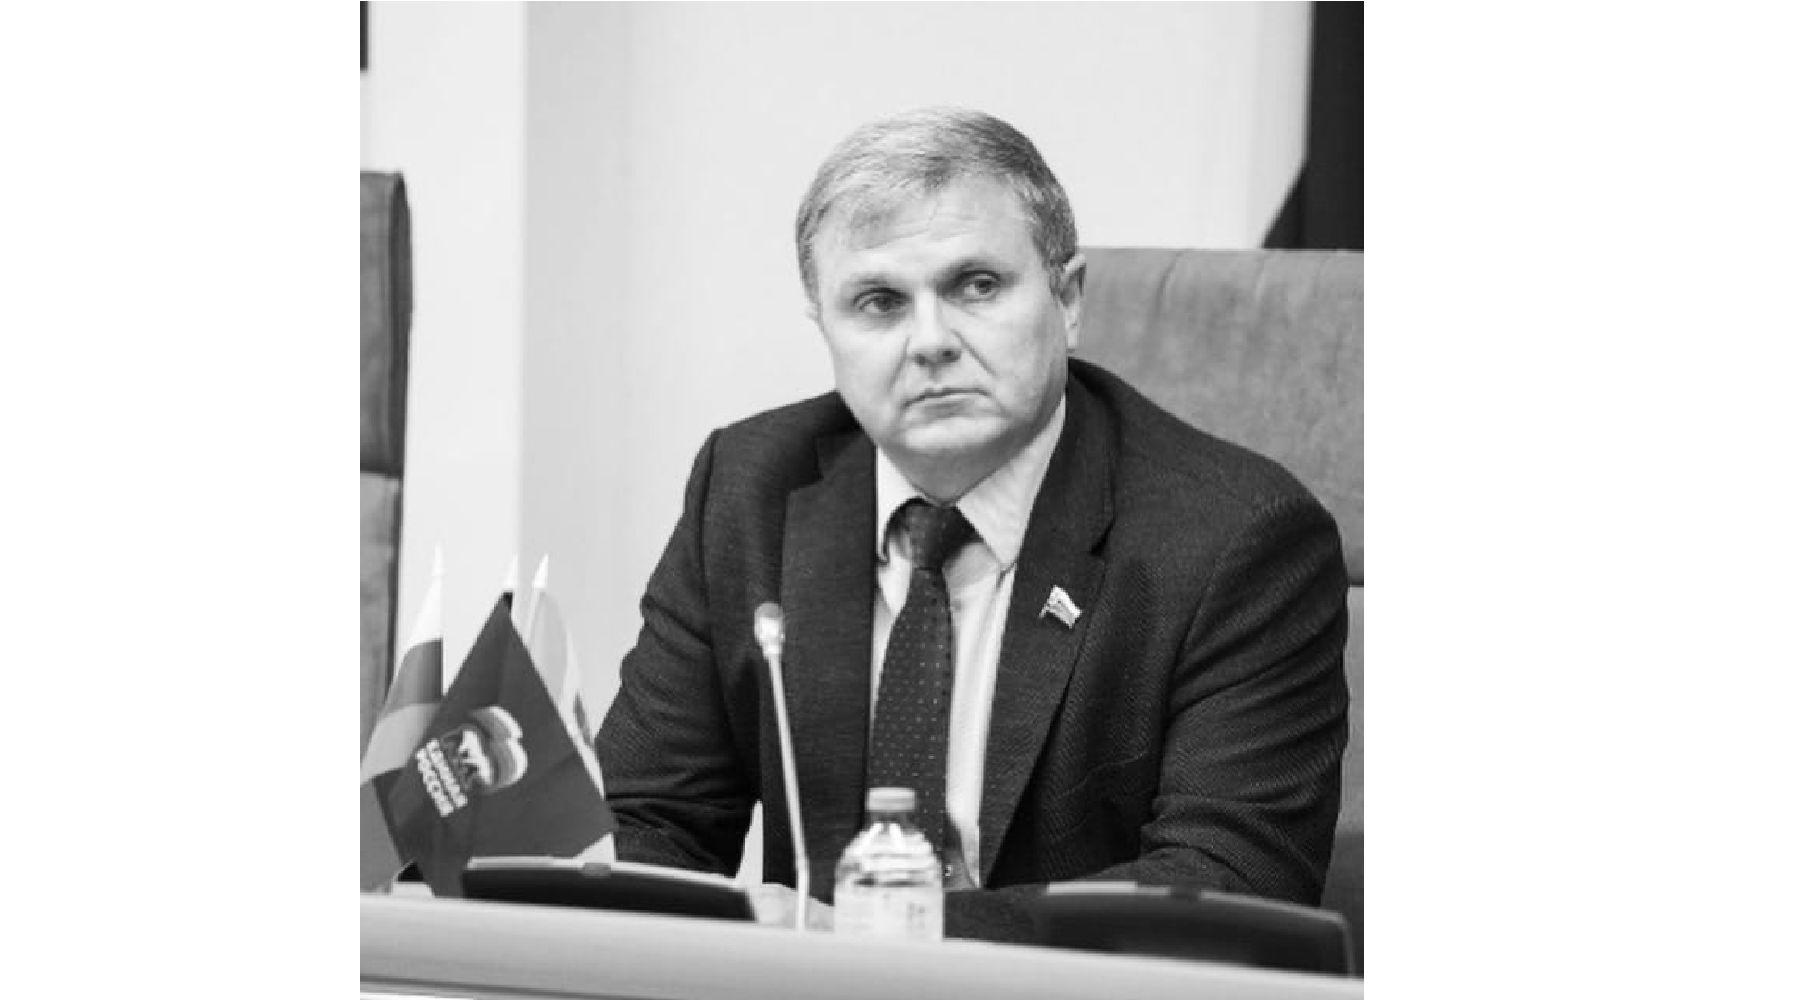 Дмитрий Миронов выразил соболезнования всем, кто знал погибшего председателя областной Думы